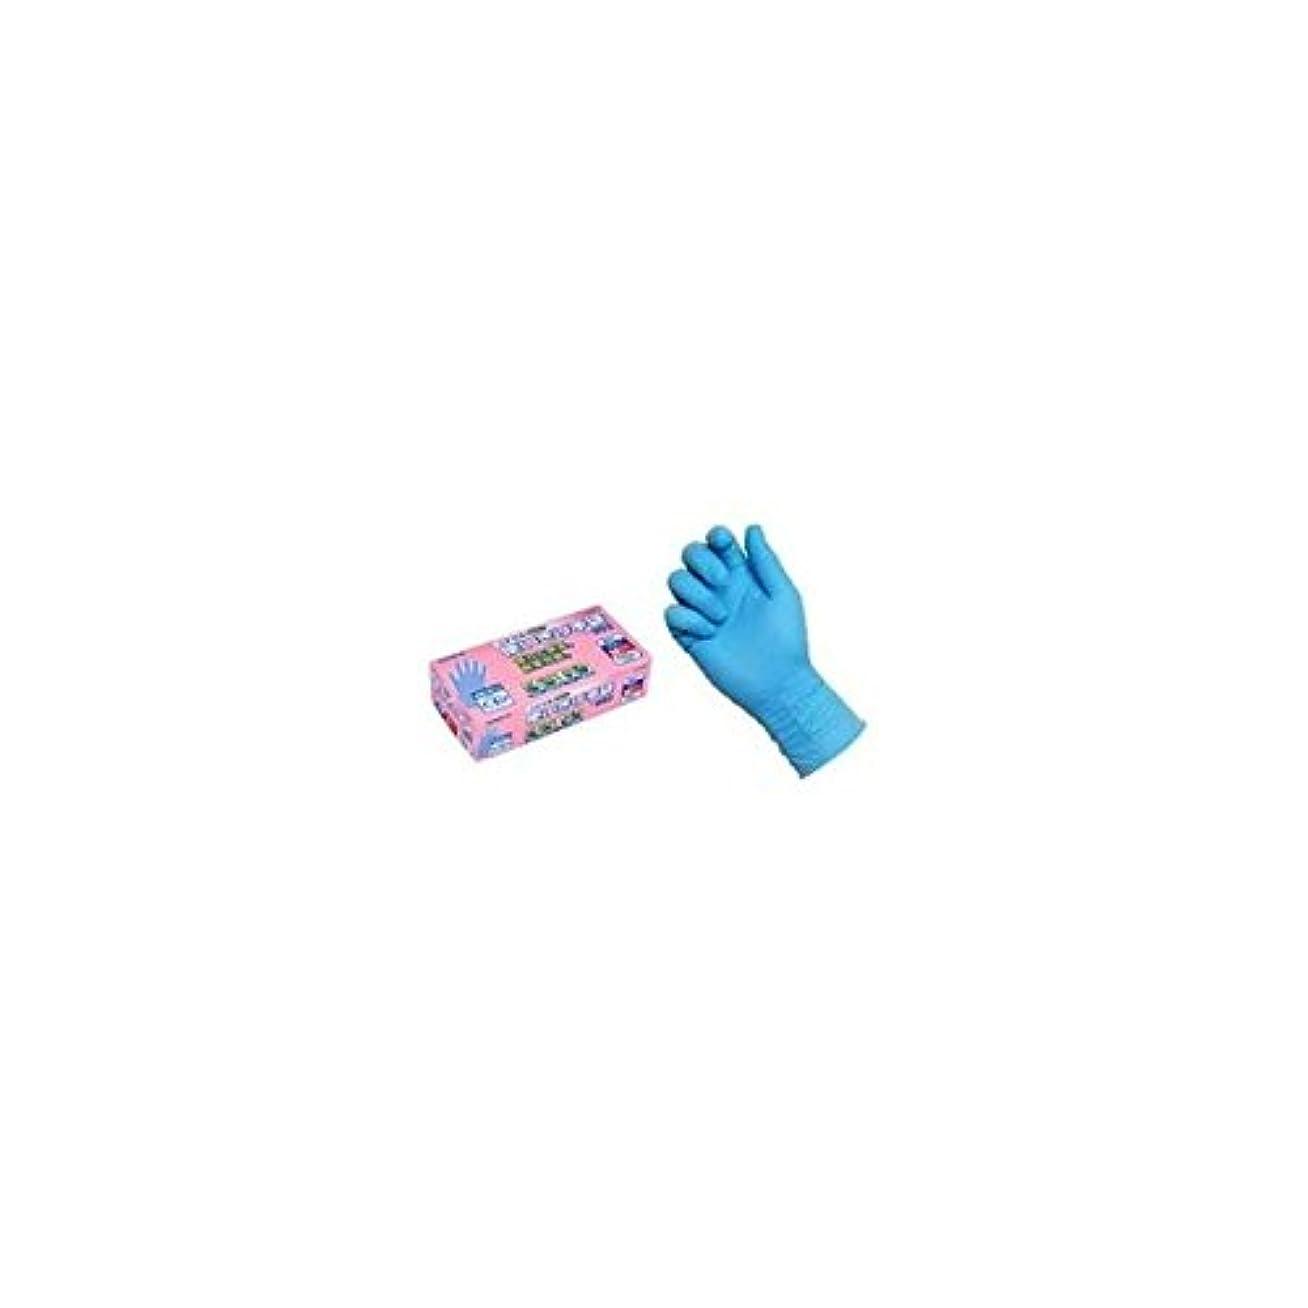 うなり声ハードウェア発生ニトリル使いきり手袋 PF NO.992 M ブルー エステー 【商品CD】ST4779